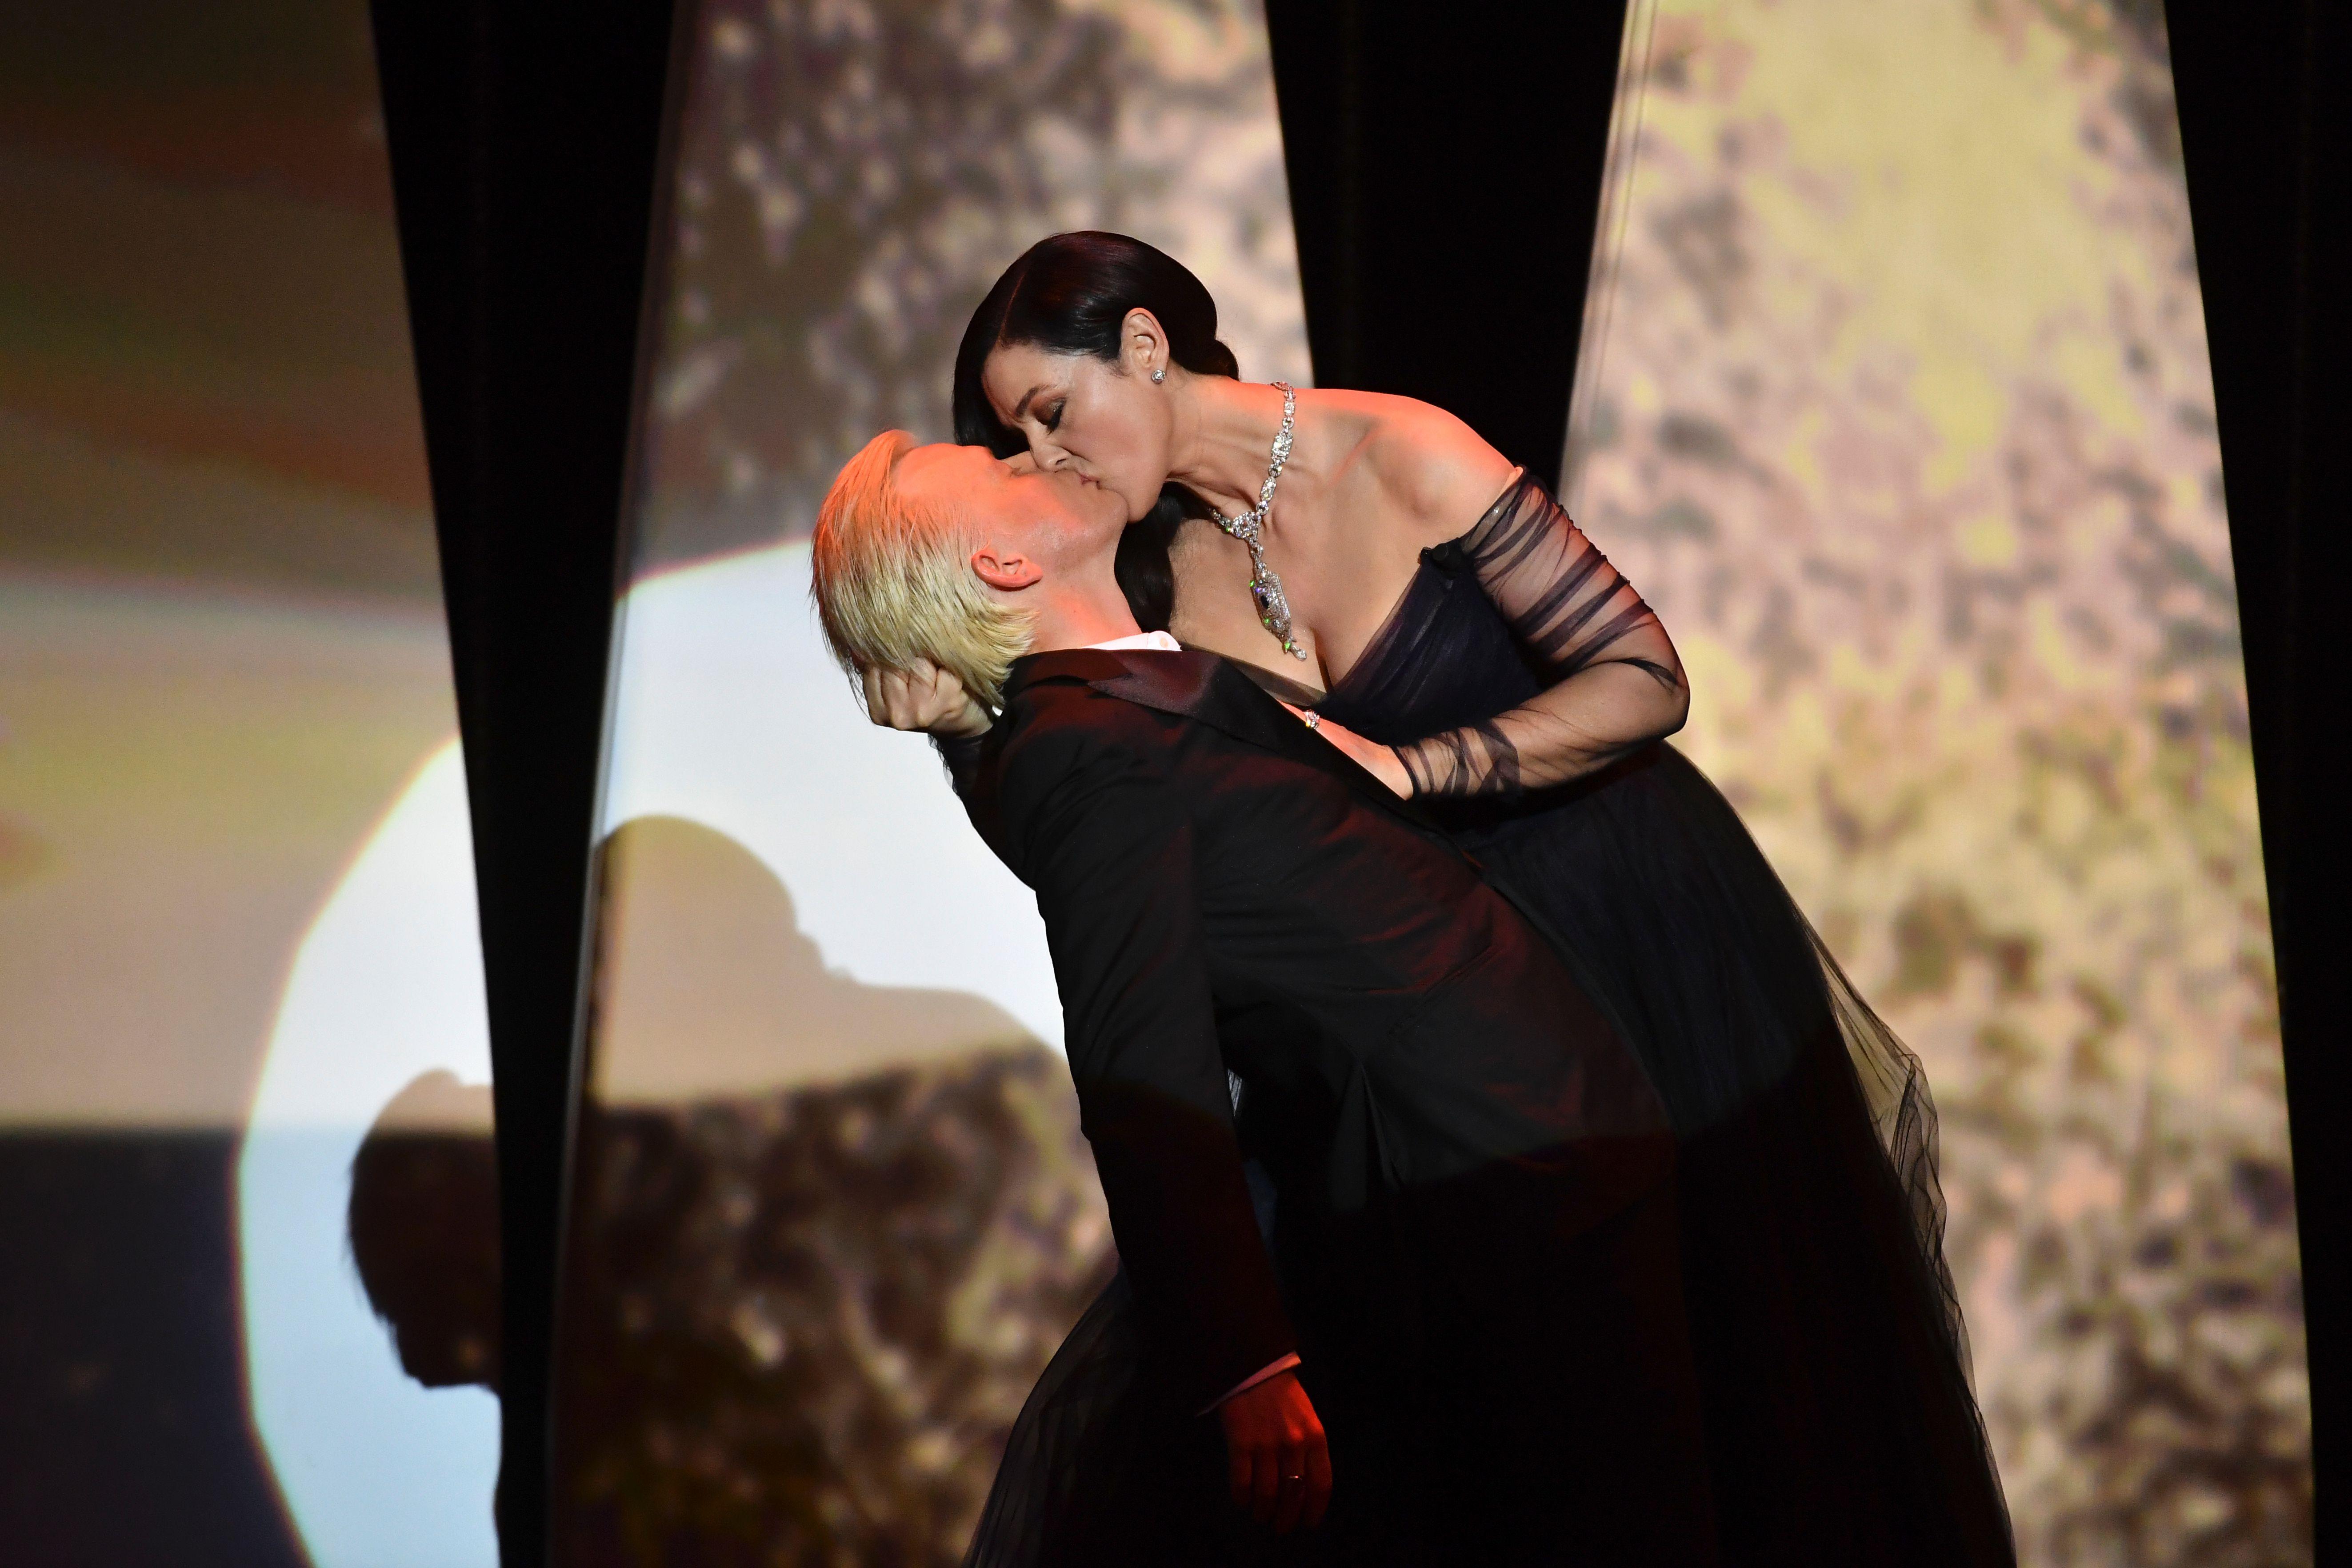 مونيكا بيلوتشي تشعل أجواء حفل افتتاح مهرجان كان بقبلات حارة للفنان أليكس لوتز (7)